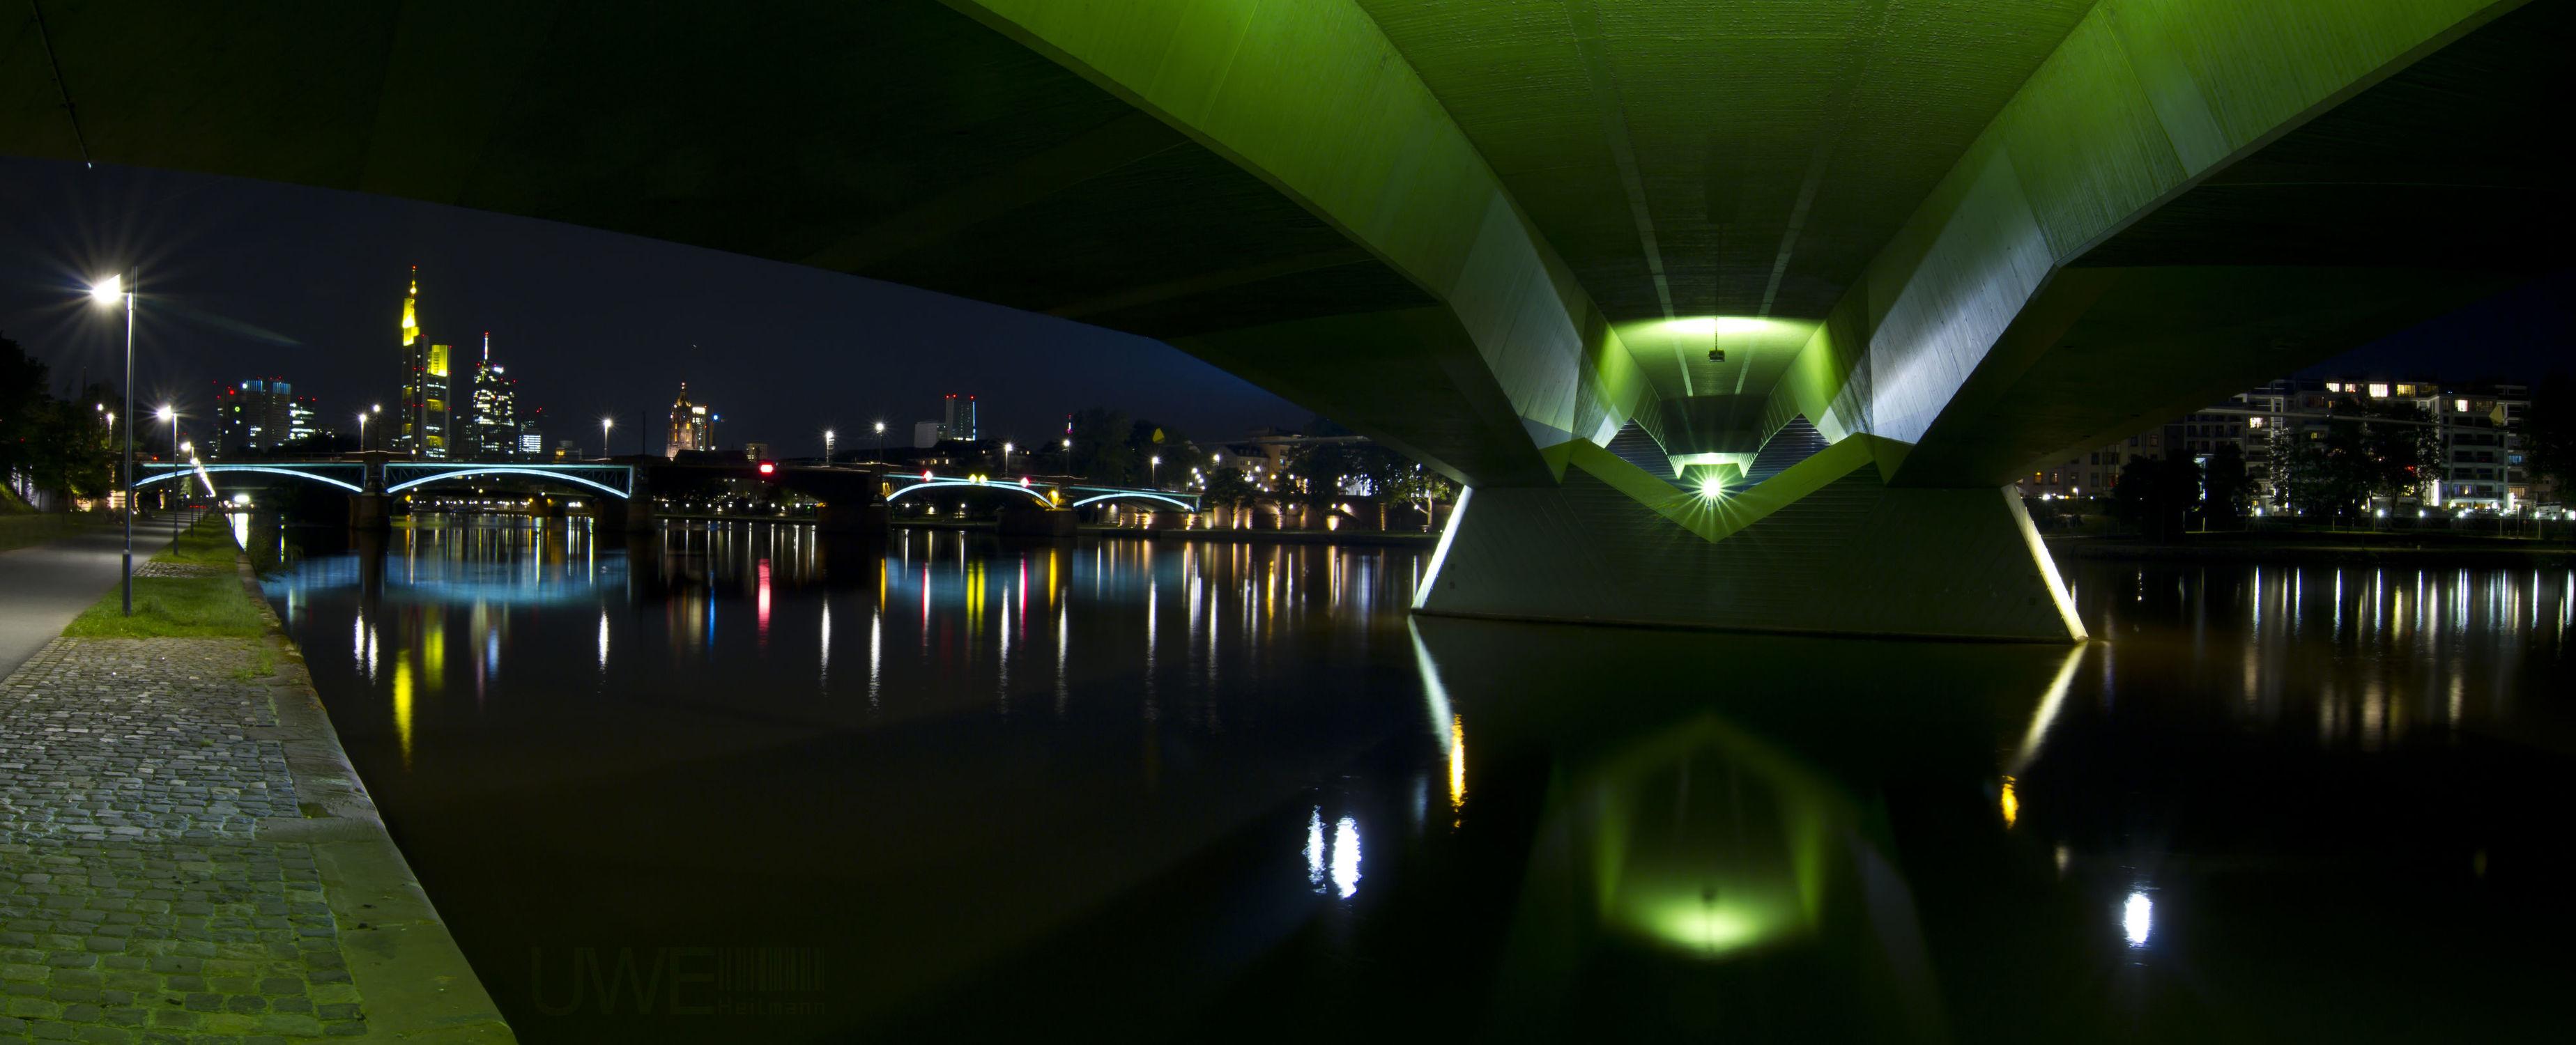 Bild mit Skylines & Hochhäuser